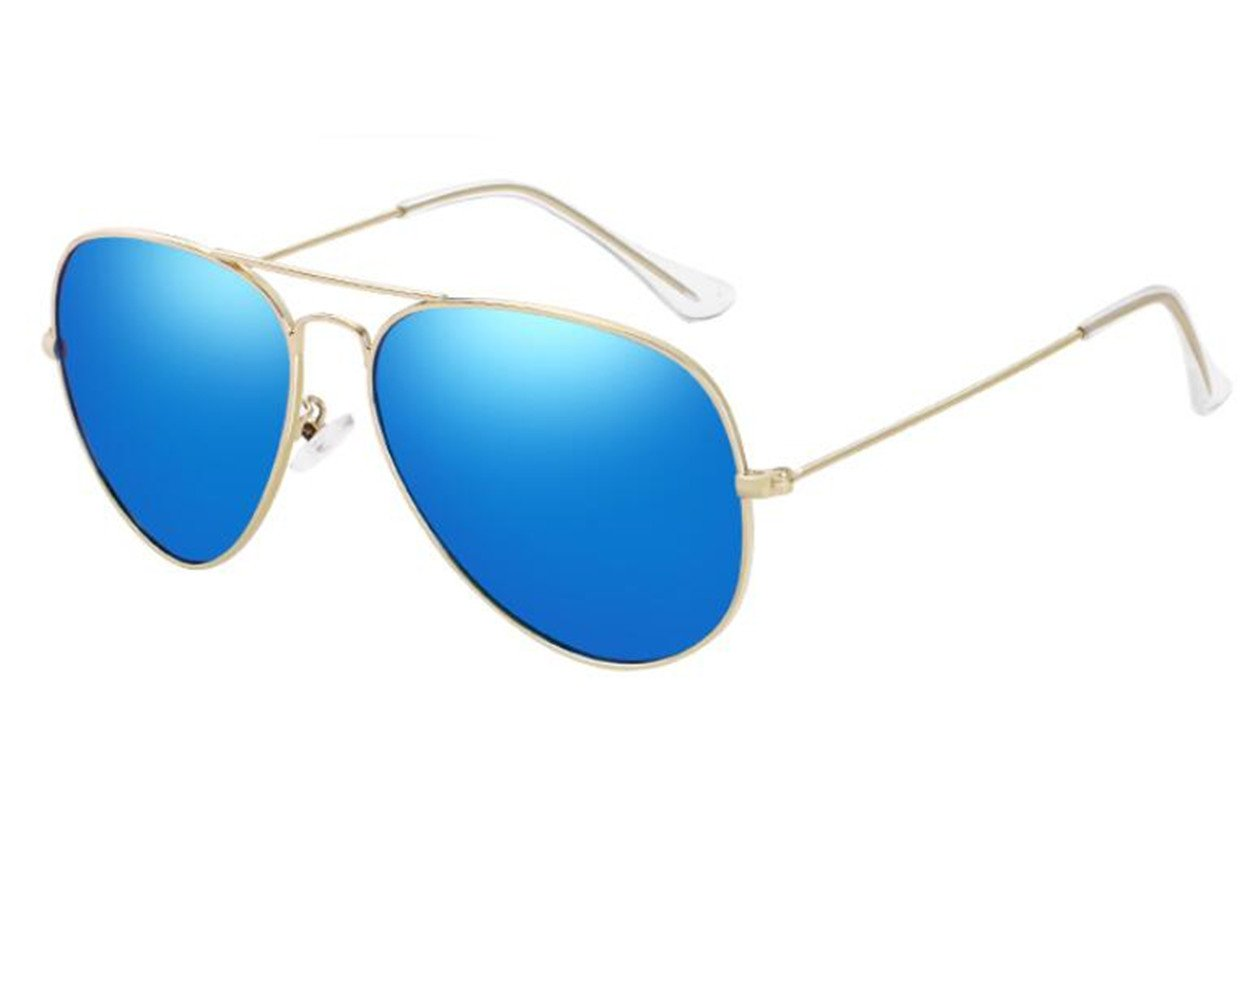 SHULING Sonnenbrille Neue Sonnenbrille, Polarisierte Sonnenbrillen